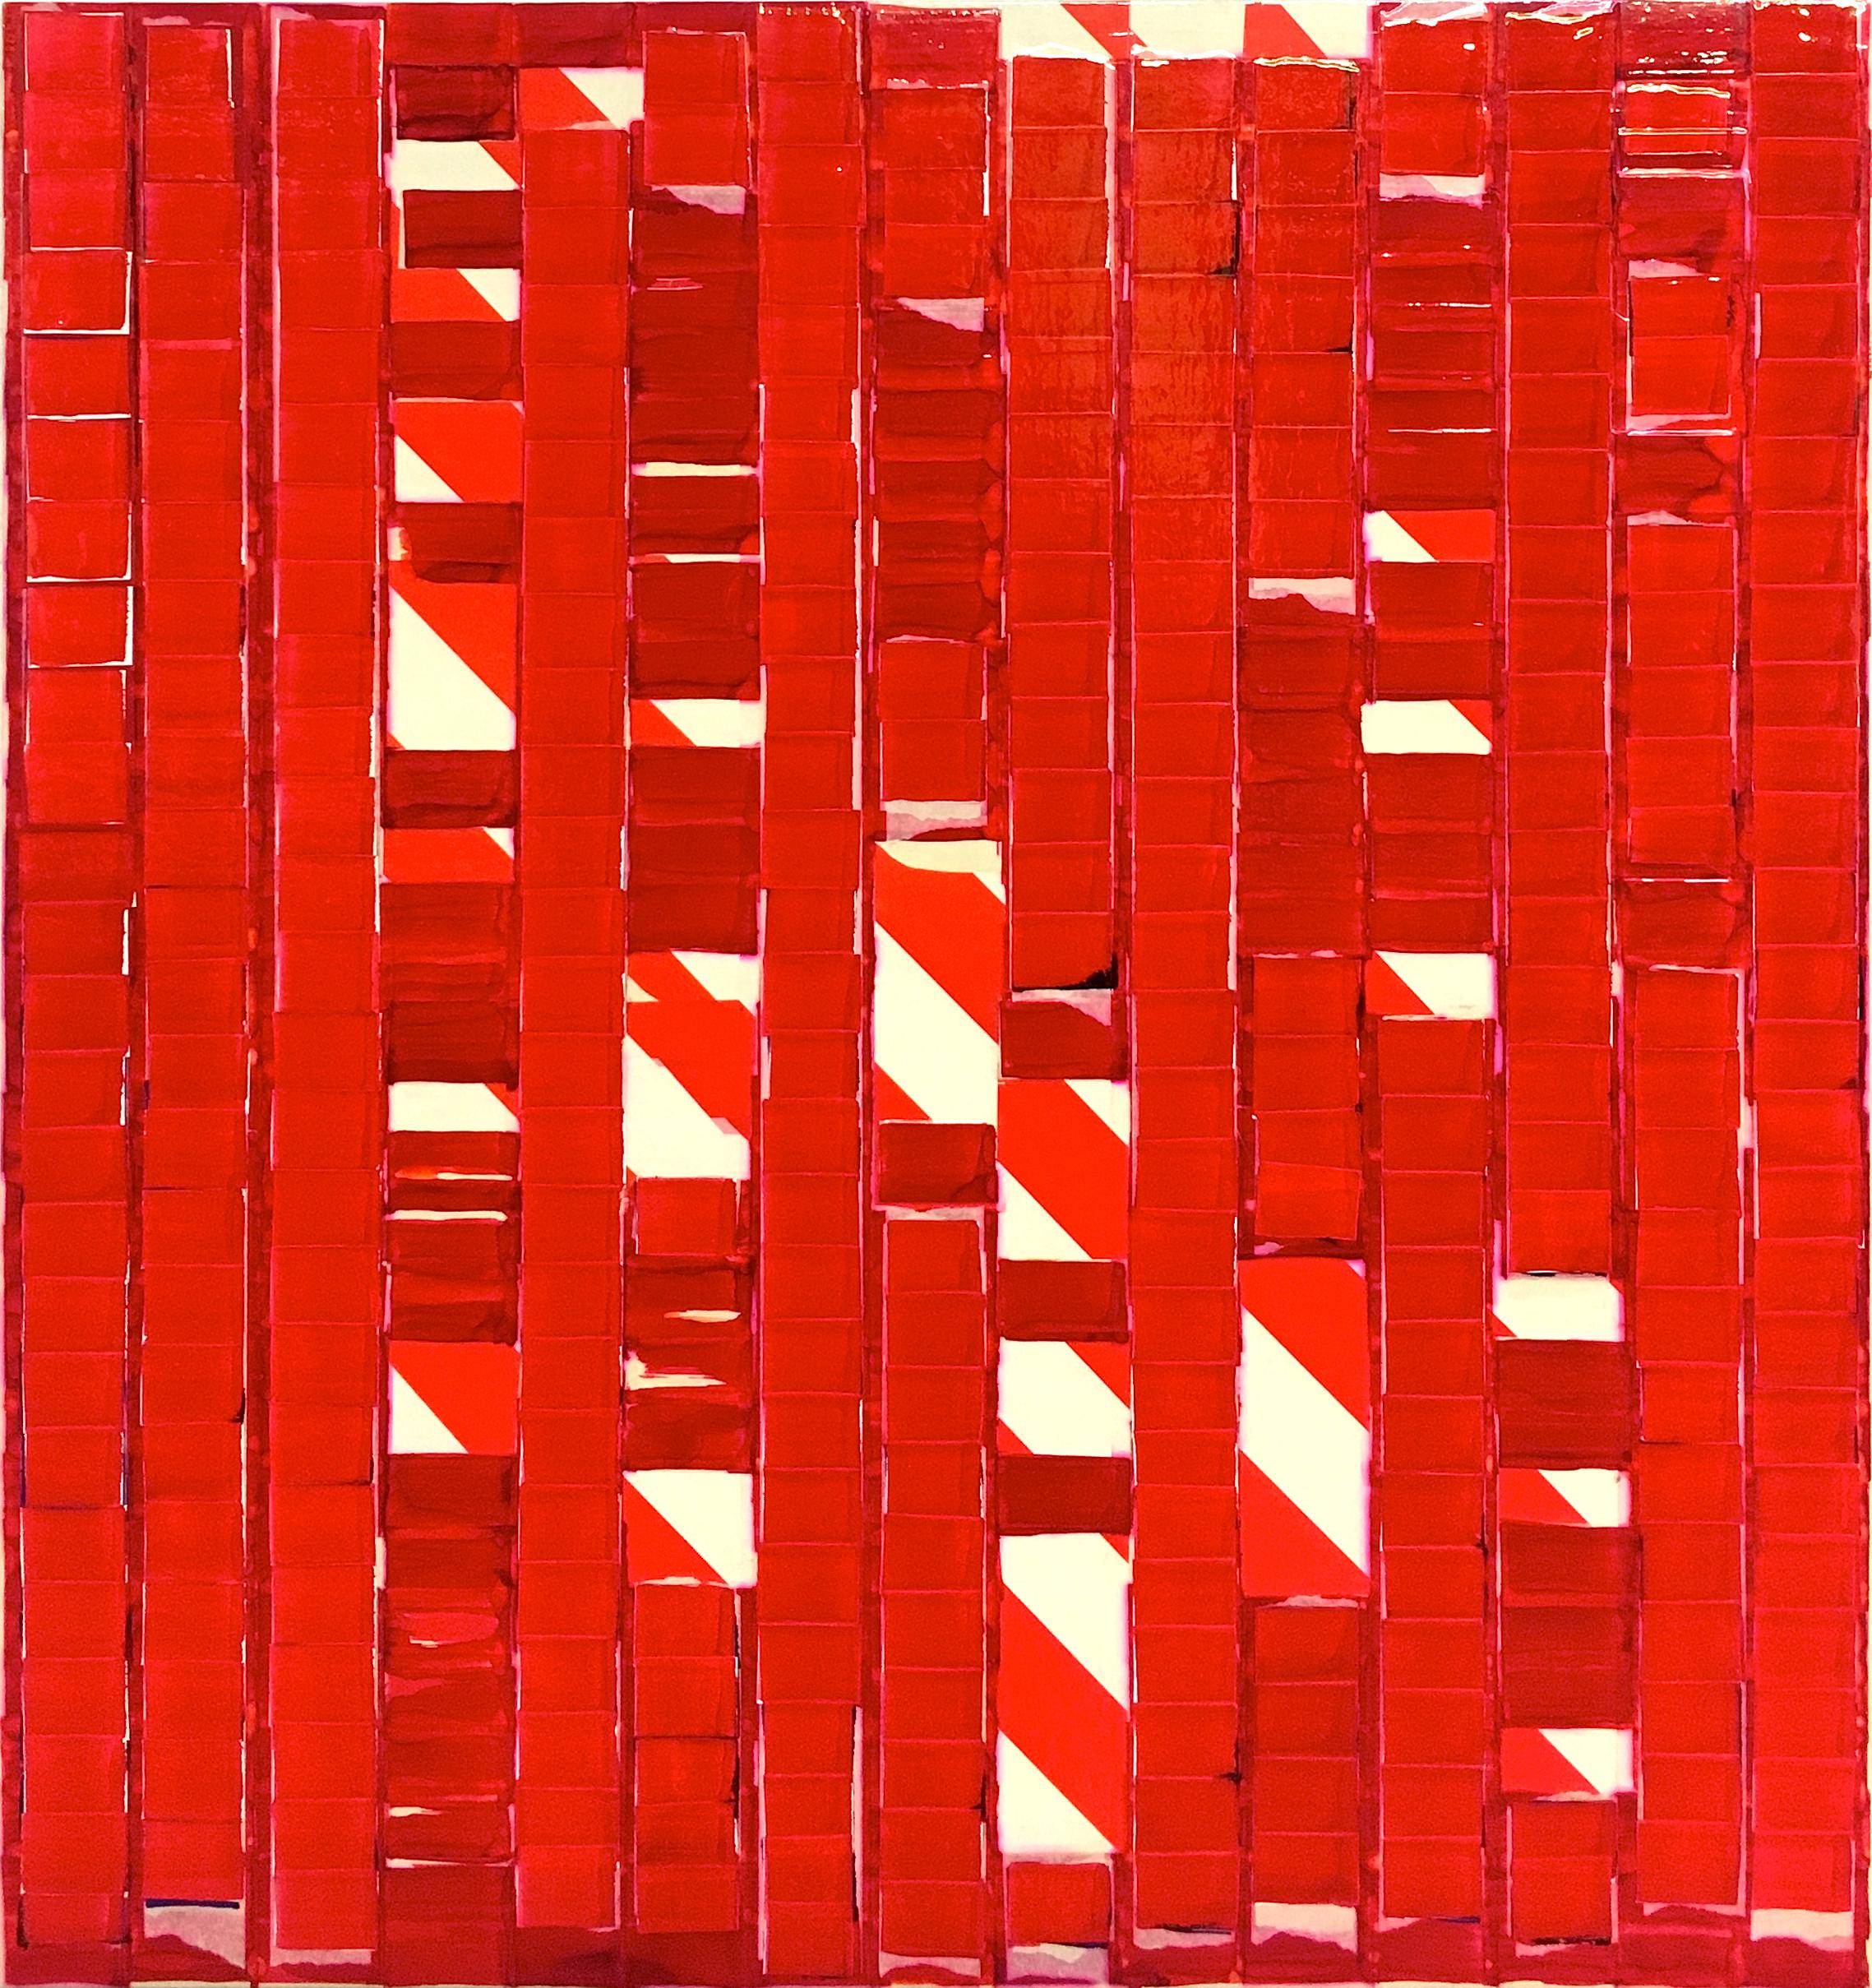 Sublunare Welt Oleksiy Koval, 2014 - 18 80 x 75 cm, tape, ink, marker on MDF